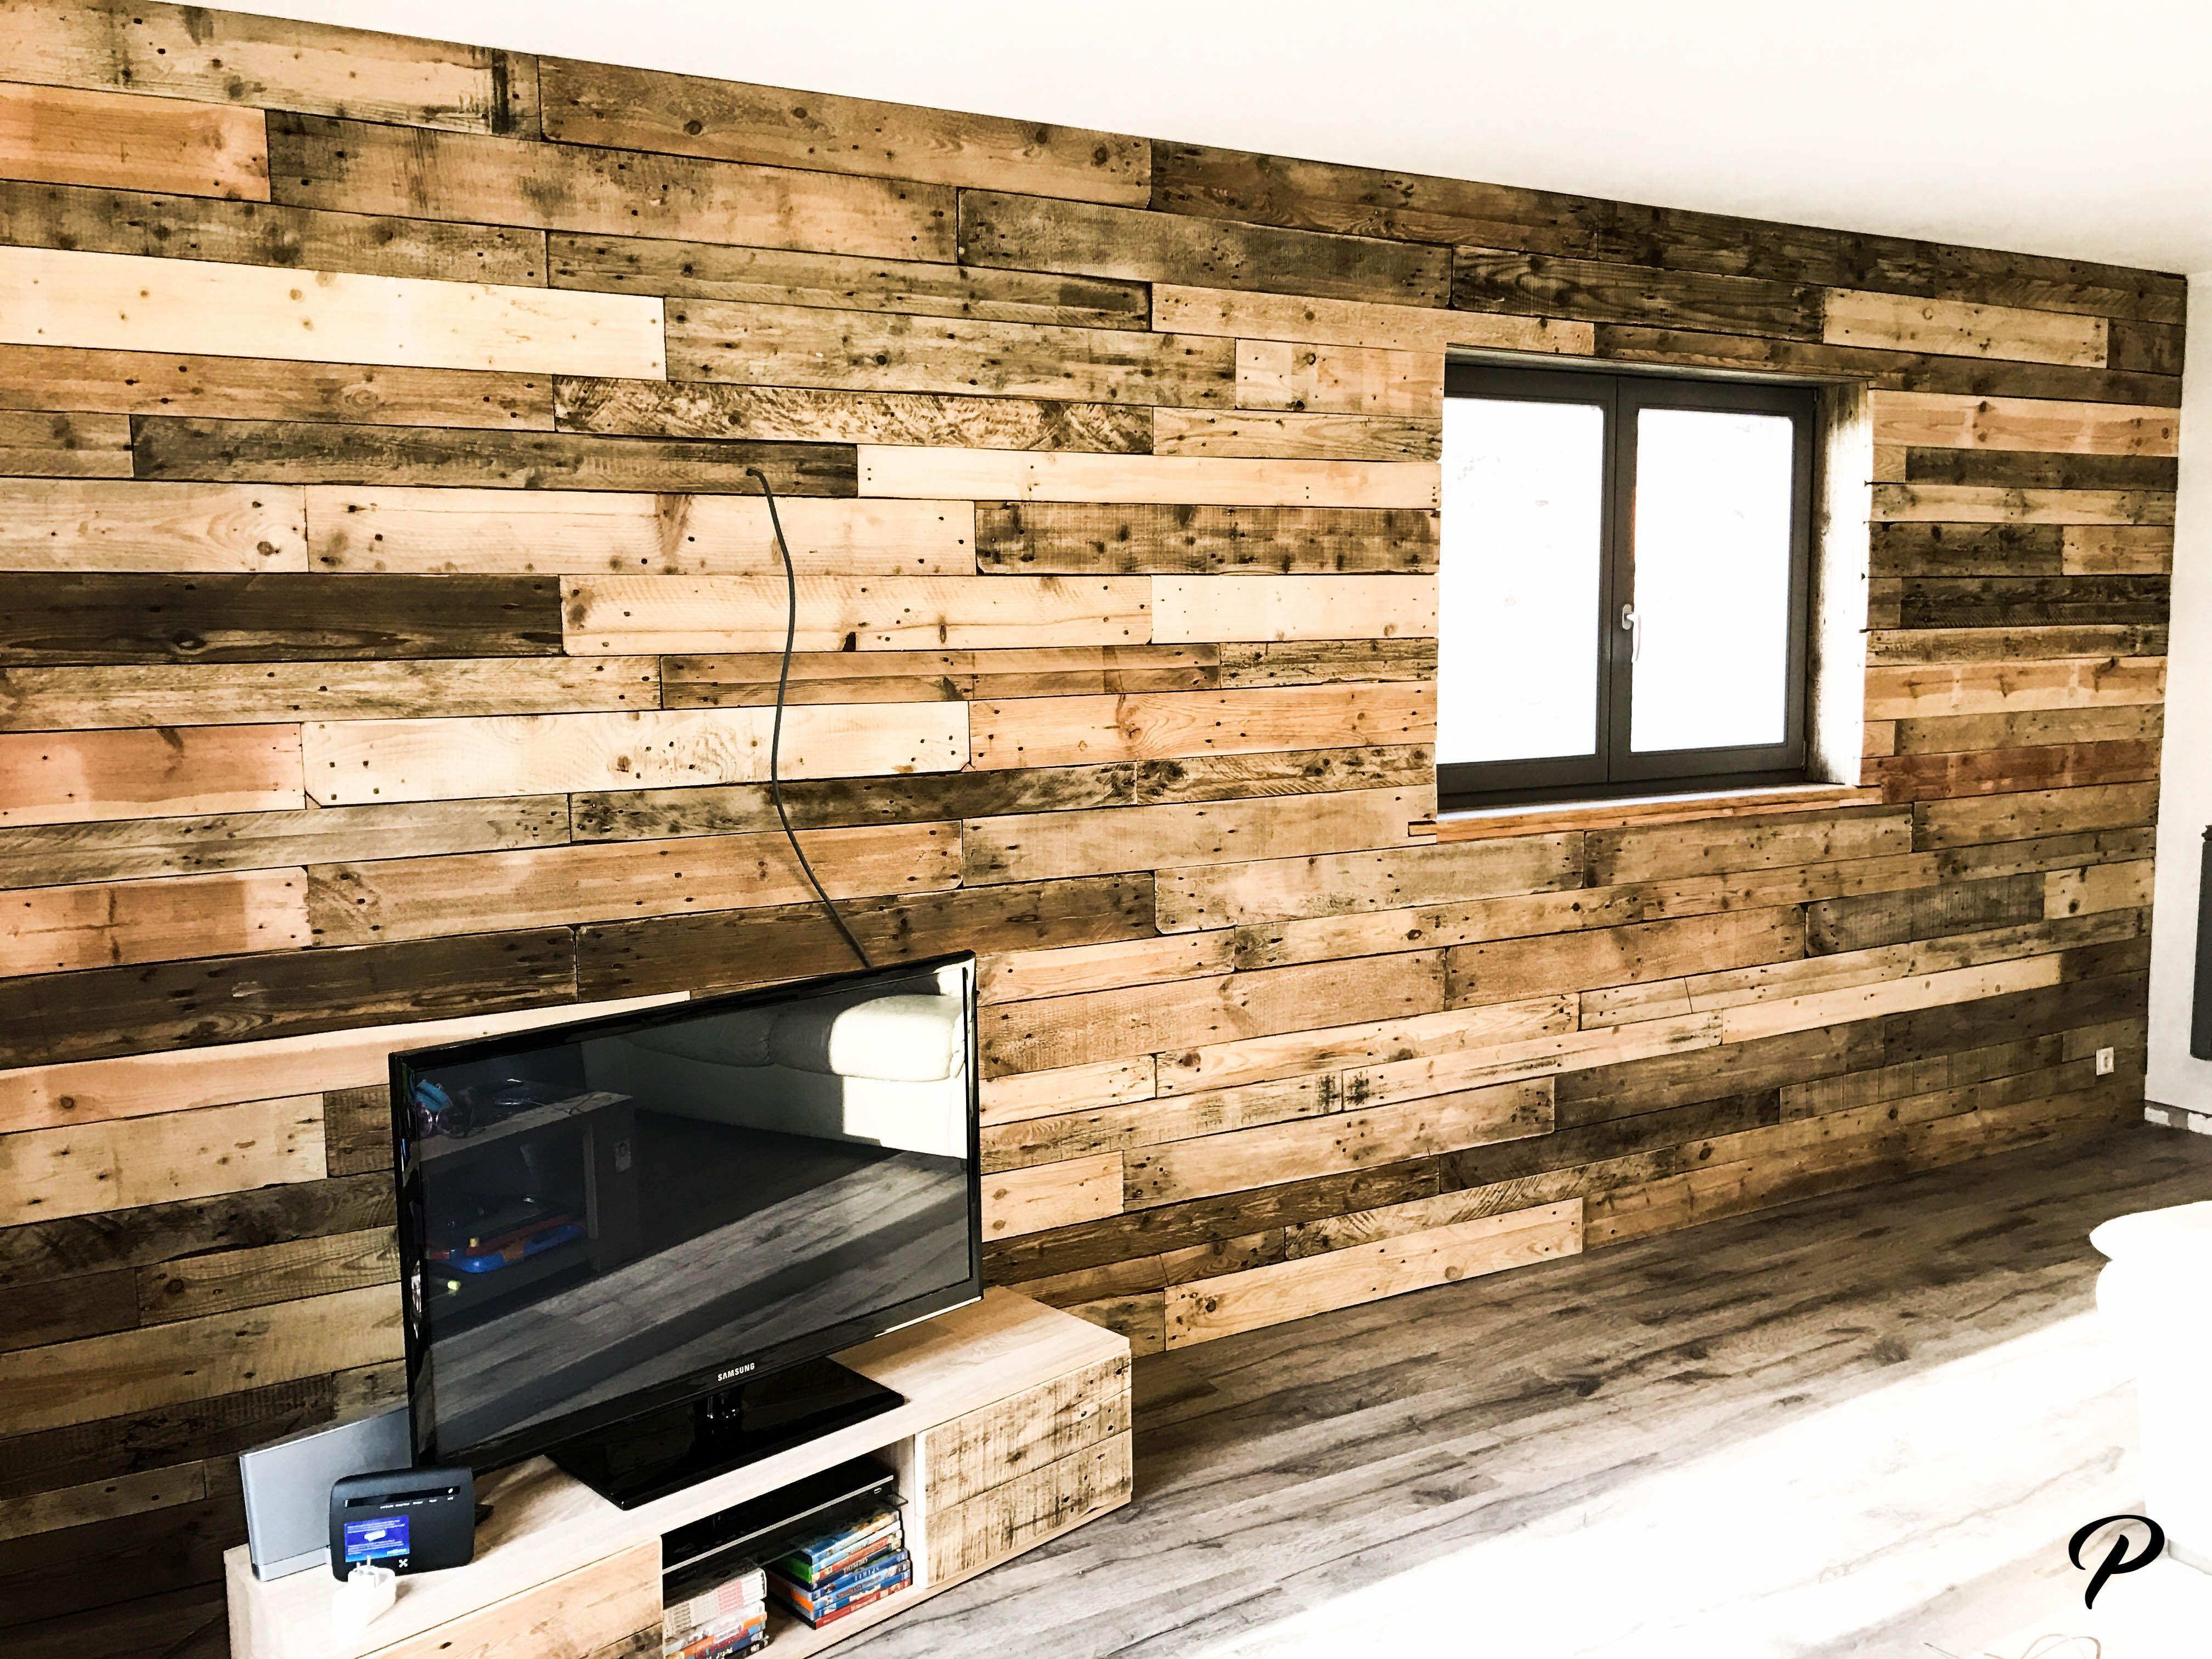 bardage en palette wood pallet wall